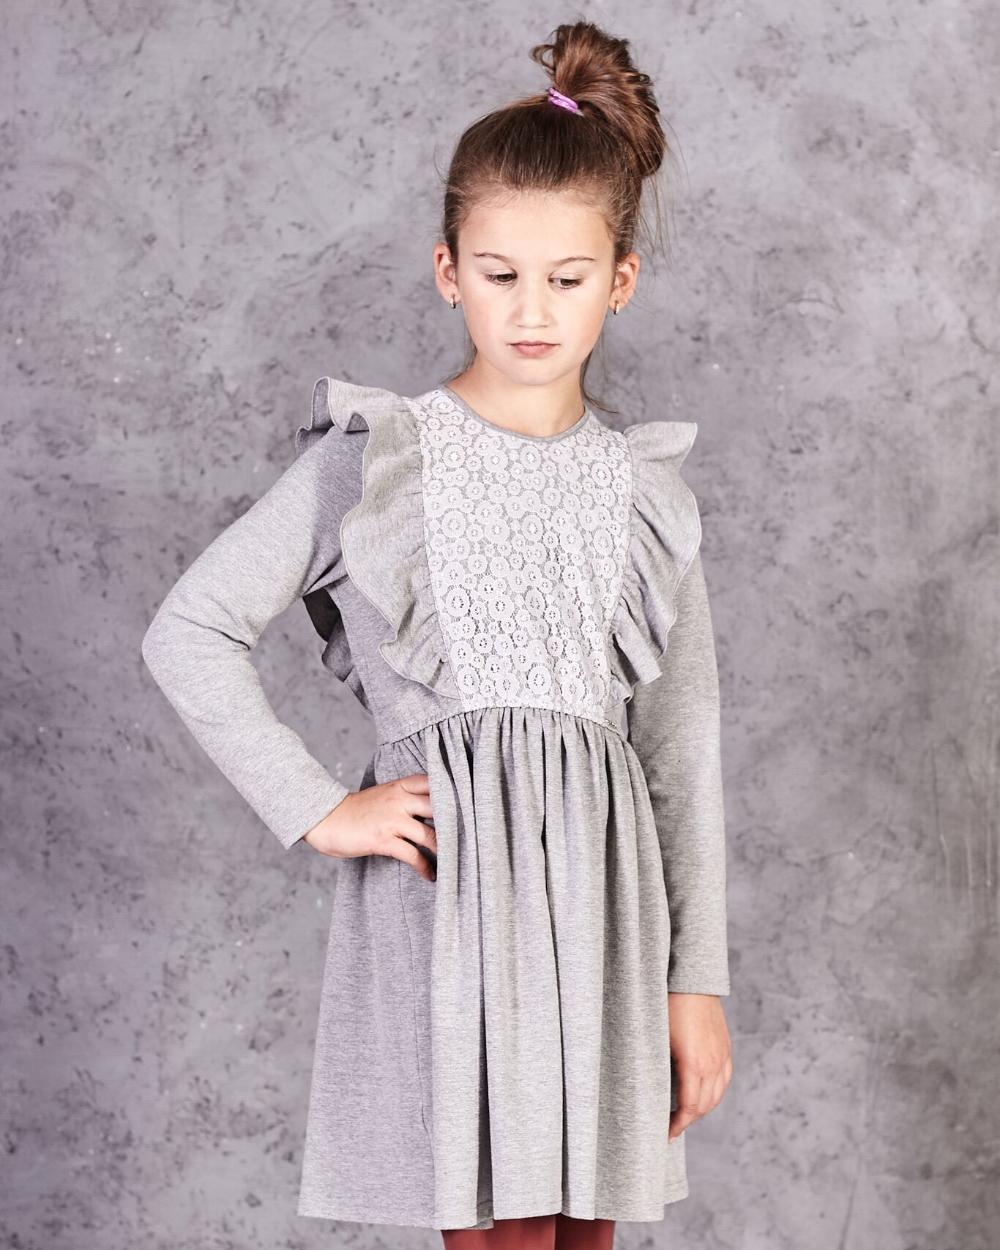 f2bba403f2c68d Sukienka z długim rękawem ozdobiona koronką falbanami dla dziewczynki  zbliżenie